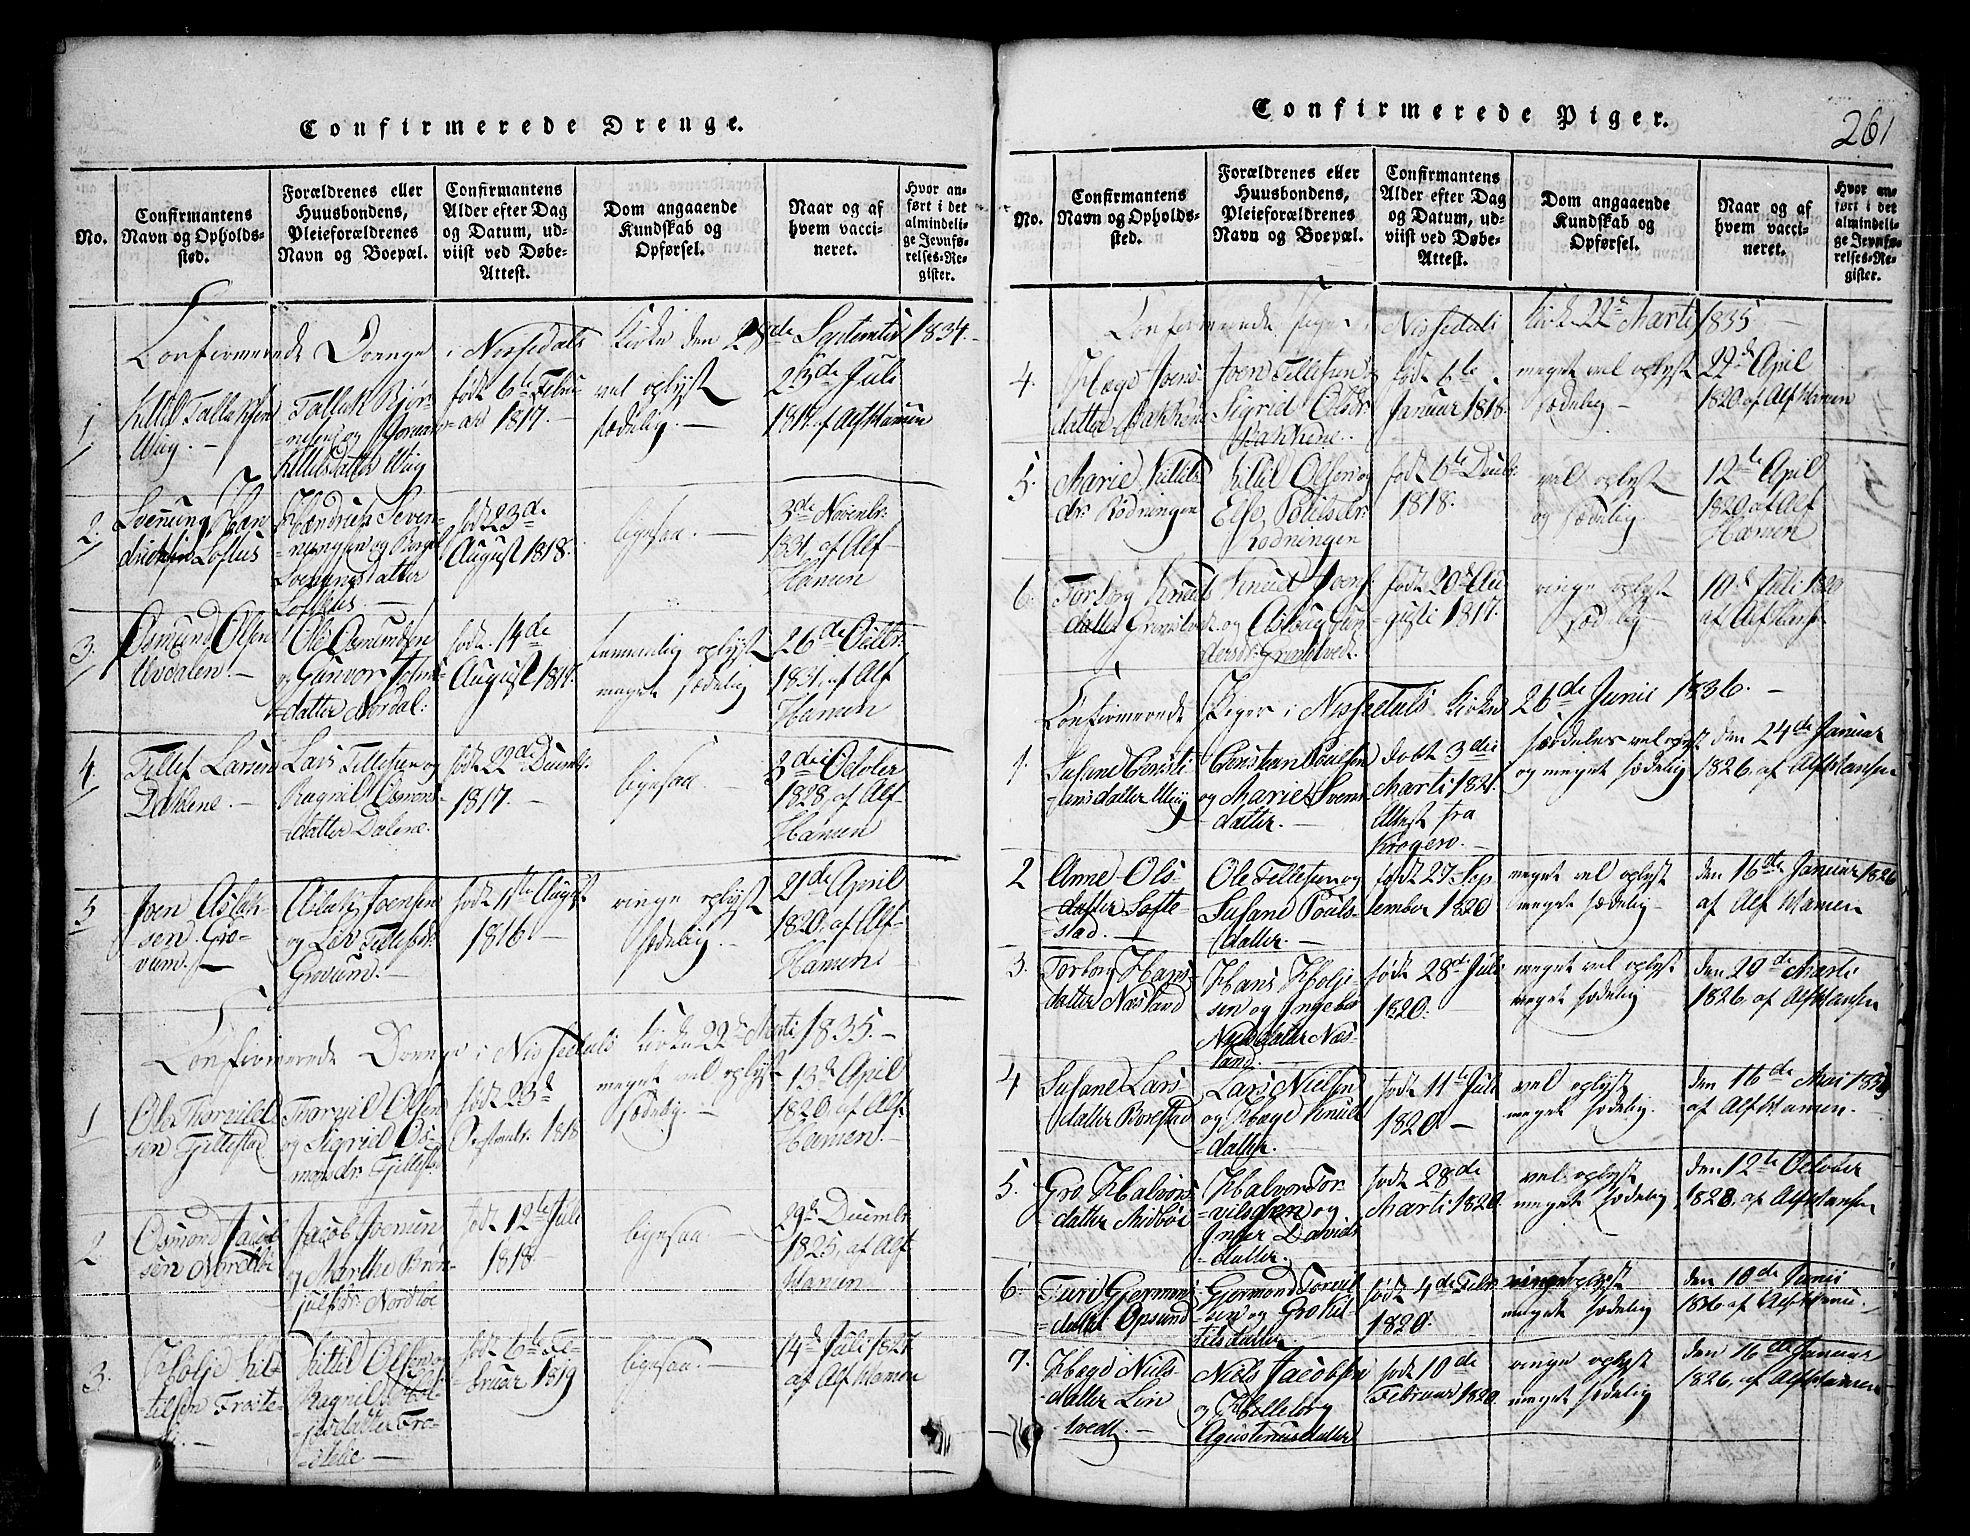 SAKO, Nissedal kirkebøker, G/Ga/L0001: Klokkerbok nr. I 1, 1814-1860, s. 261